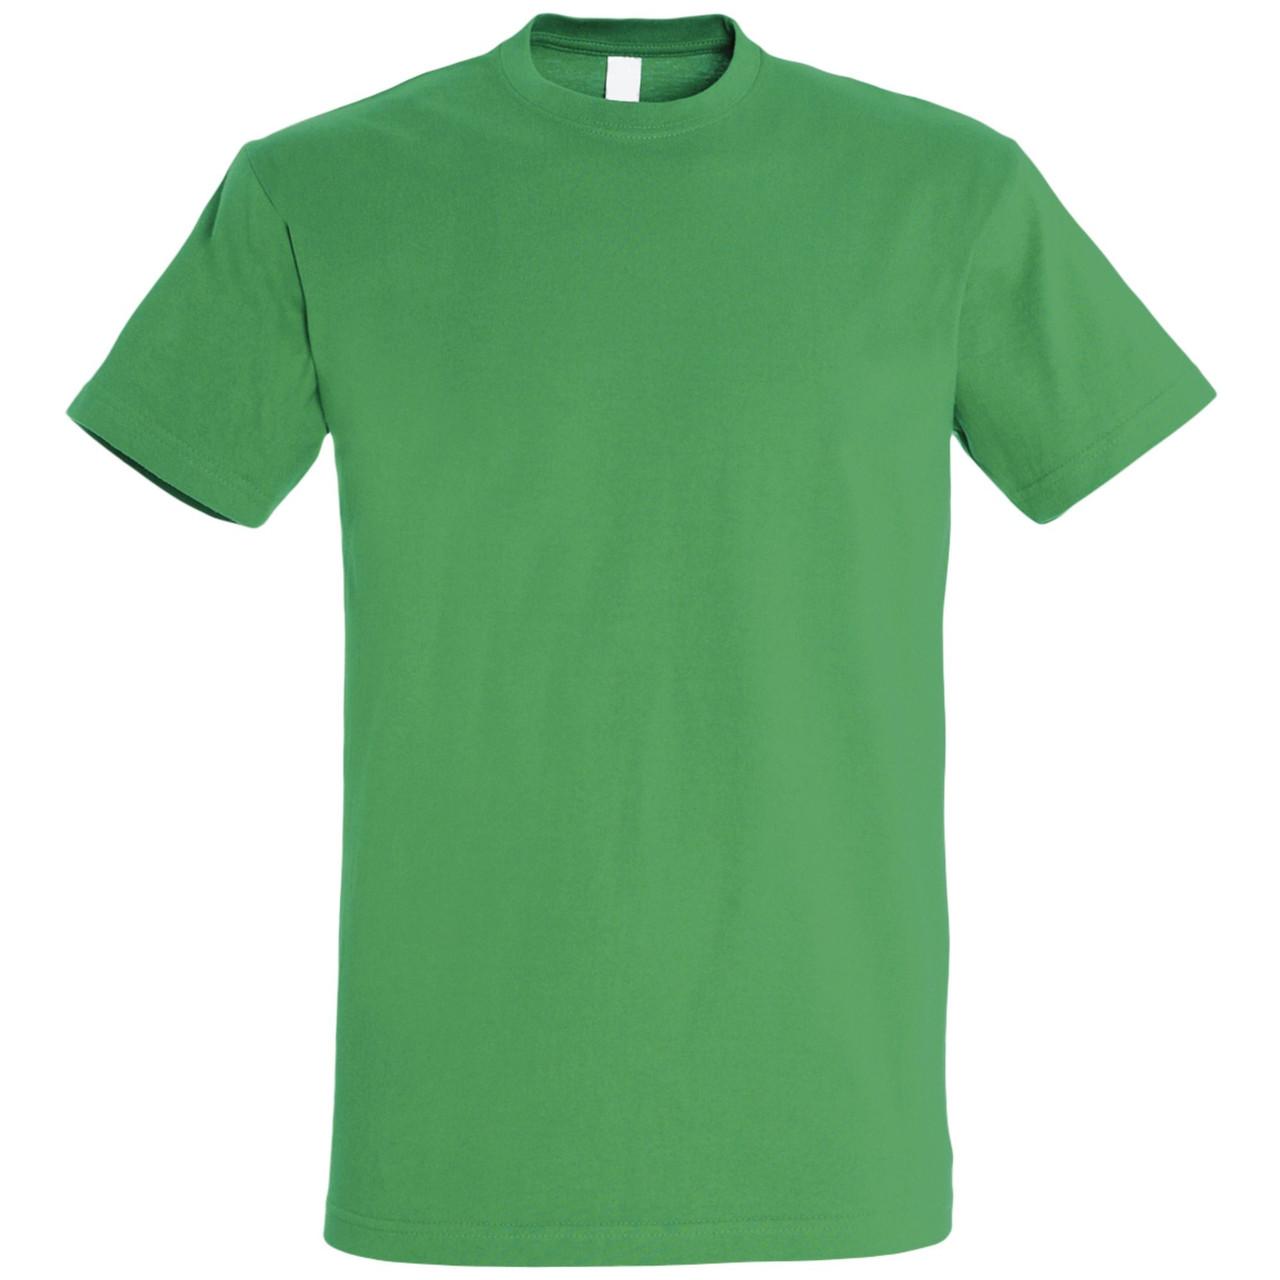 Oднотонная футболка | Зеленая | 160 гр. | XS